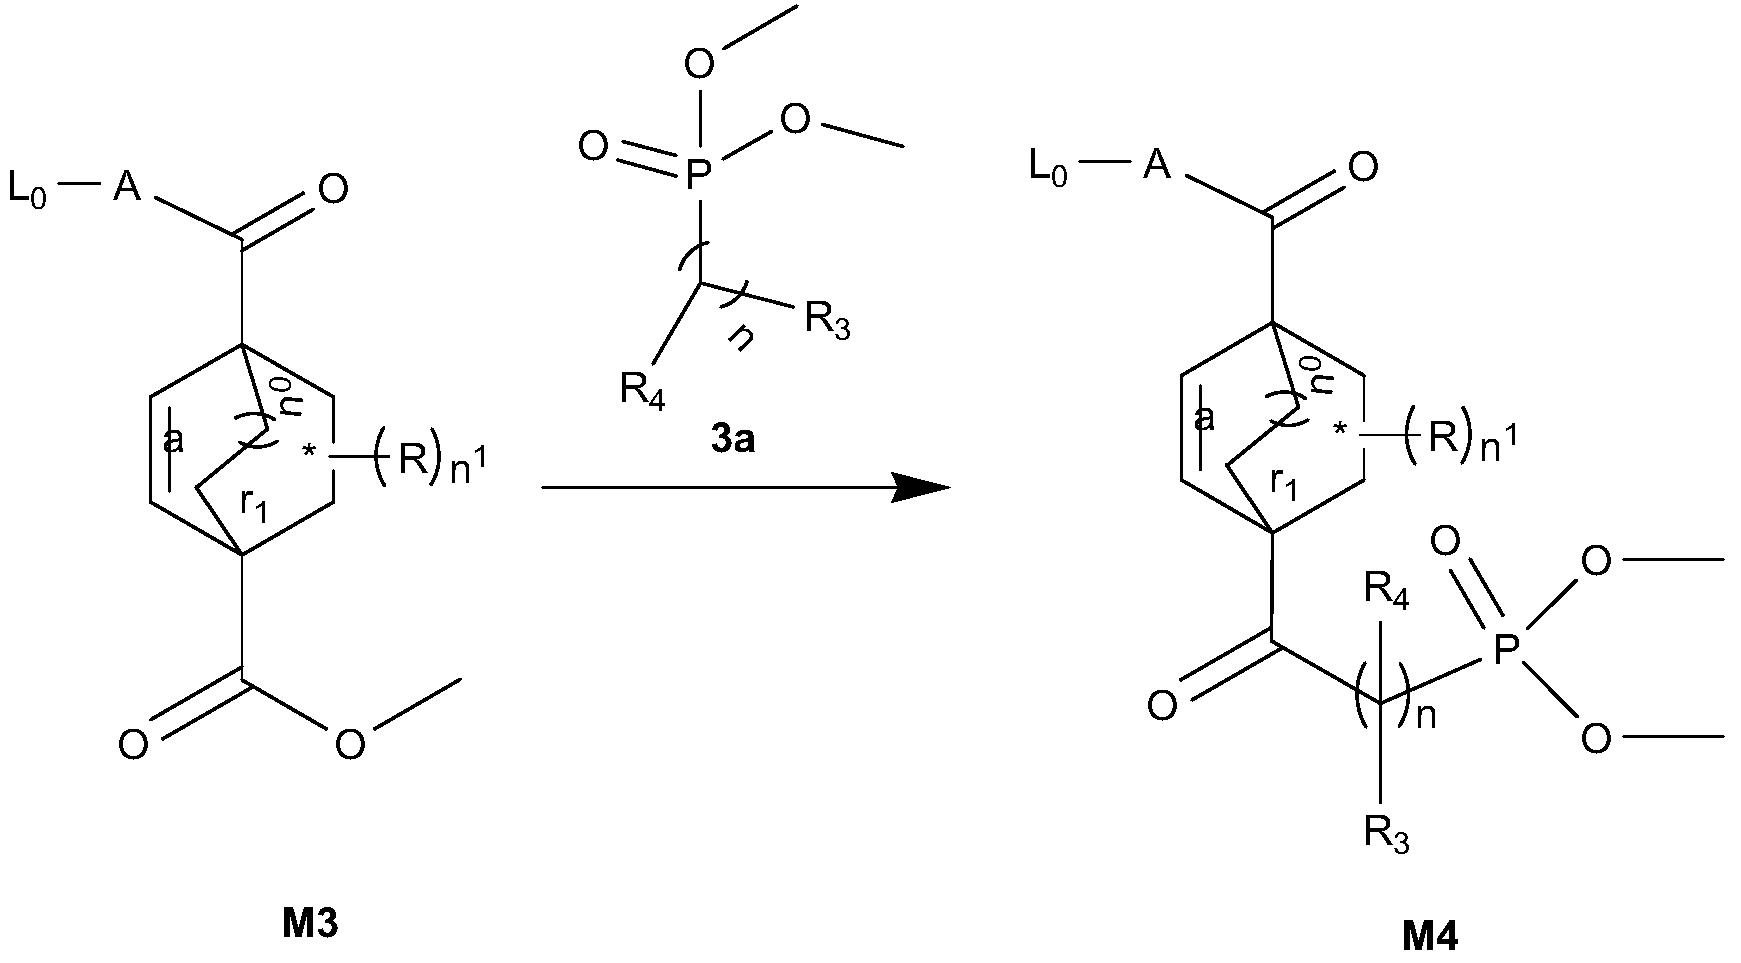 Figure PCTCN2017084604-appb-000041